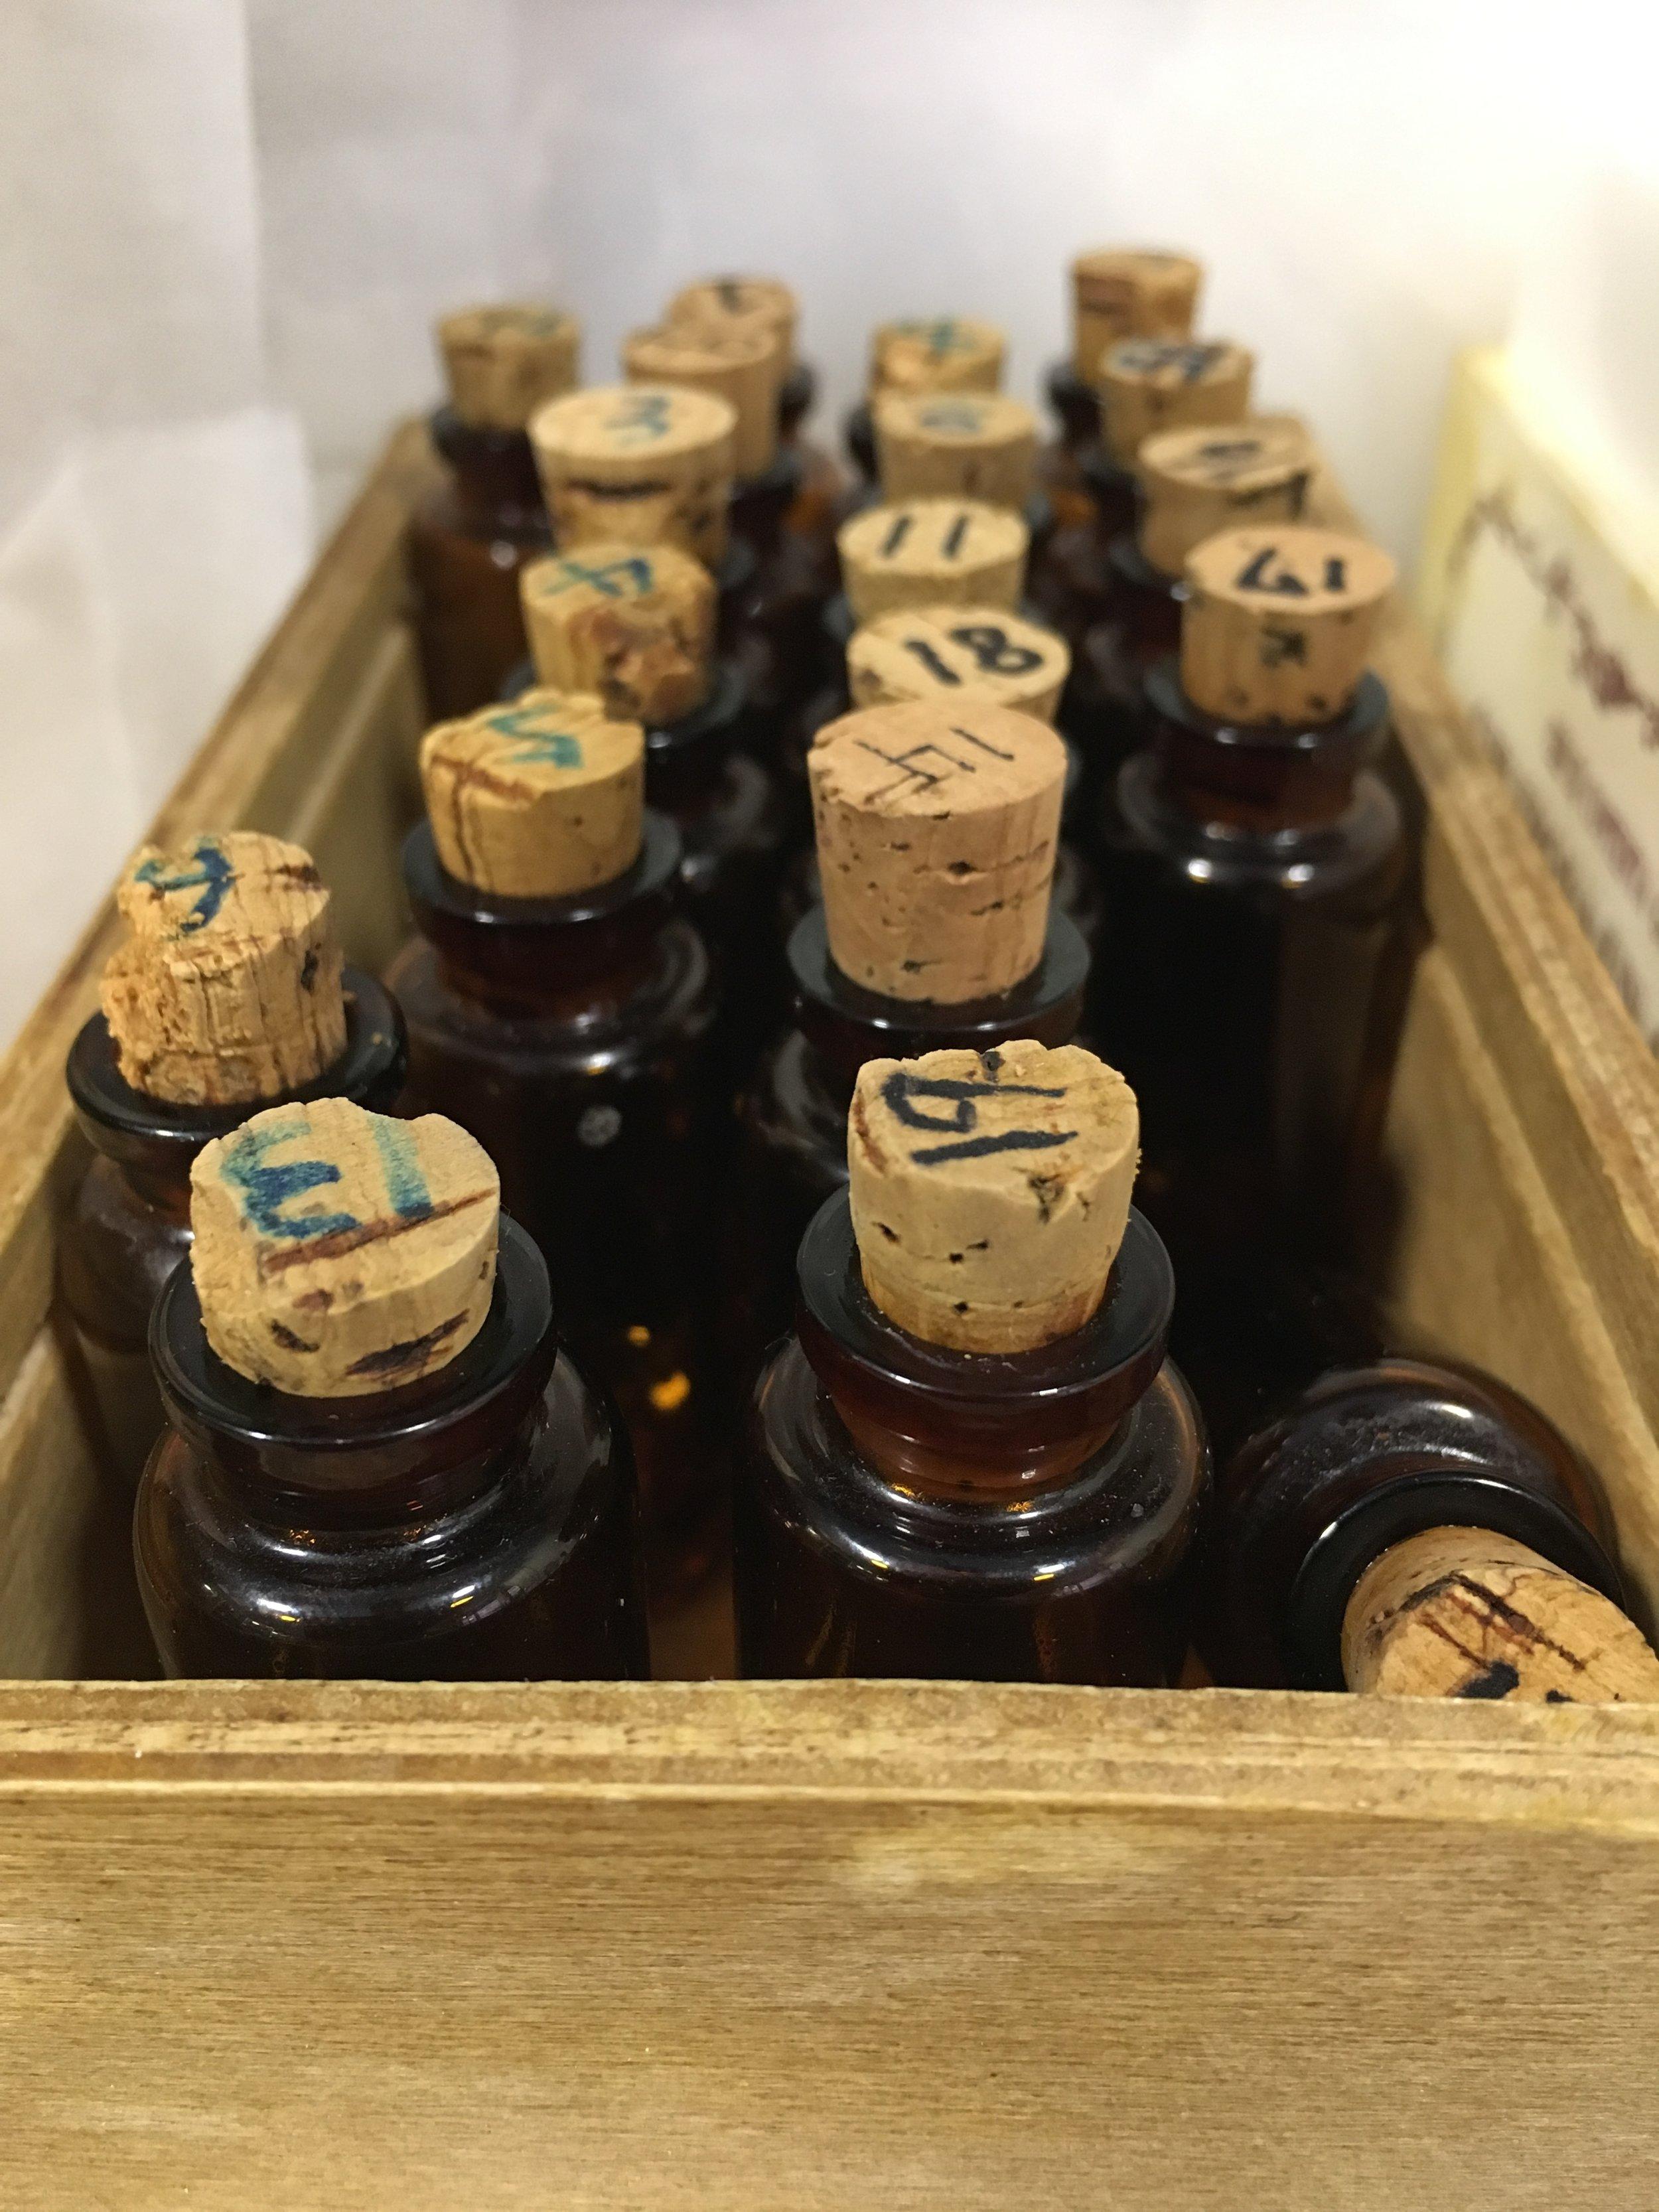 Essential Oils at Uni Jun